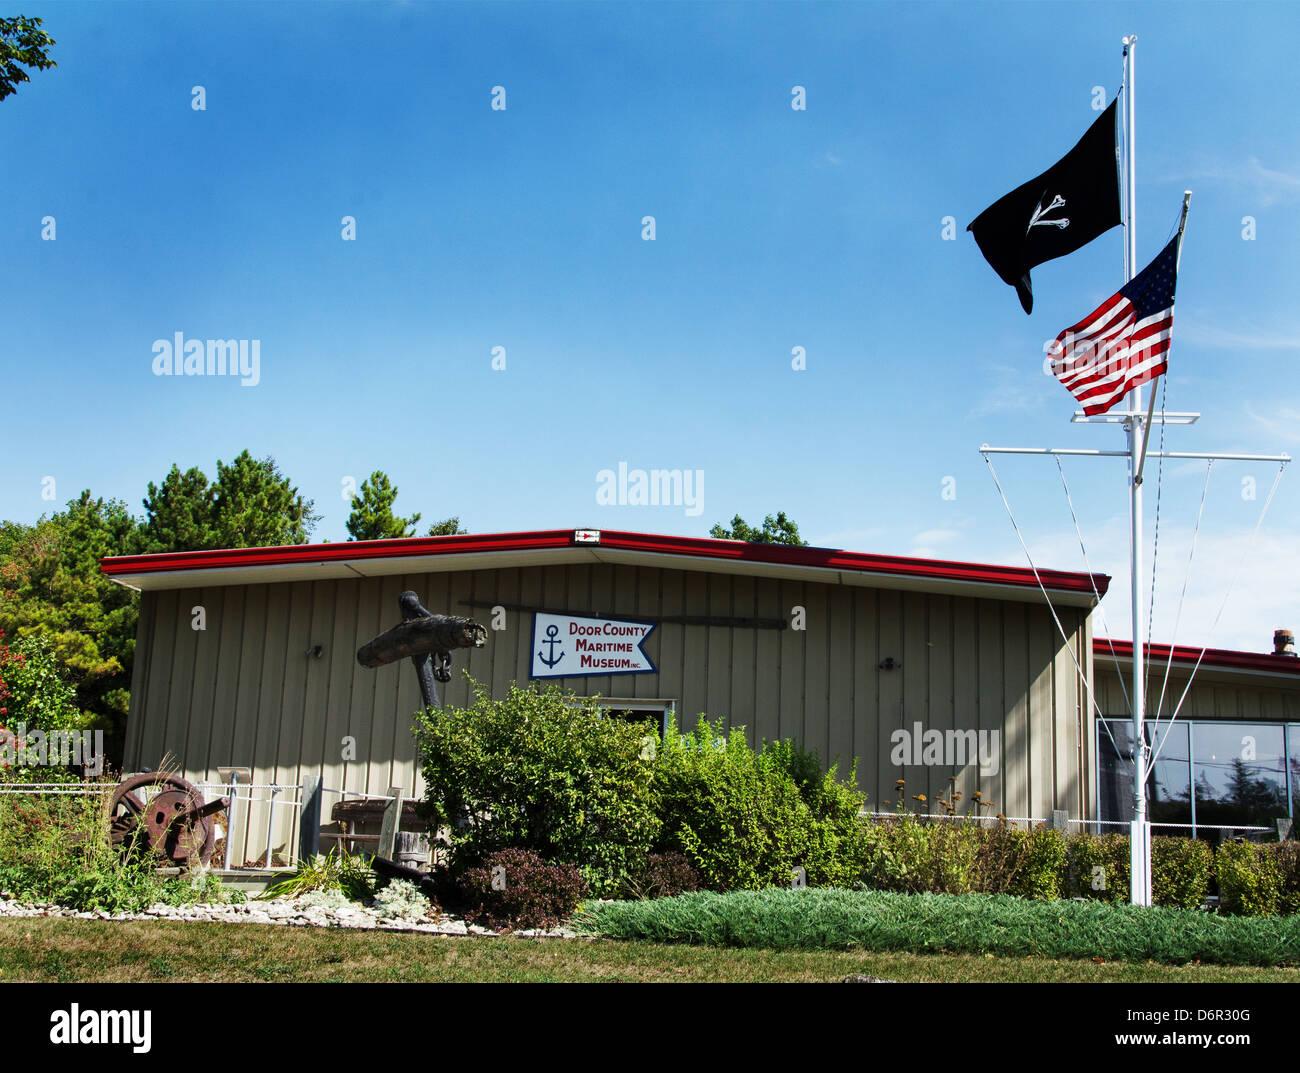 Door County Maritime Museum in Gills Rock, Wisconsin tells the story of the fishing industry in Door County. - Stock Image